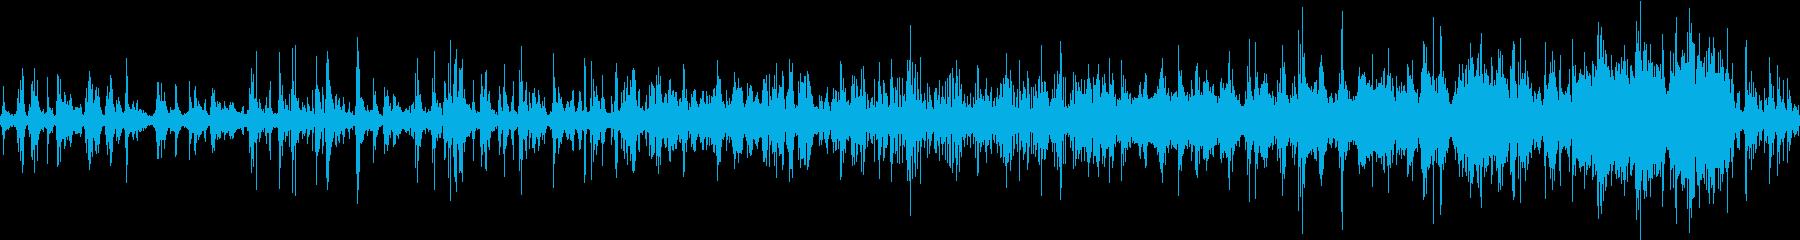 チルアウトミュージックの再生済みの波形